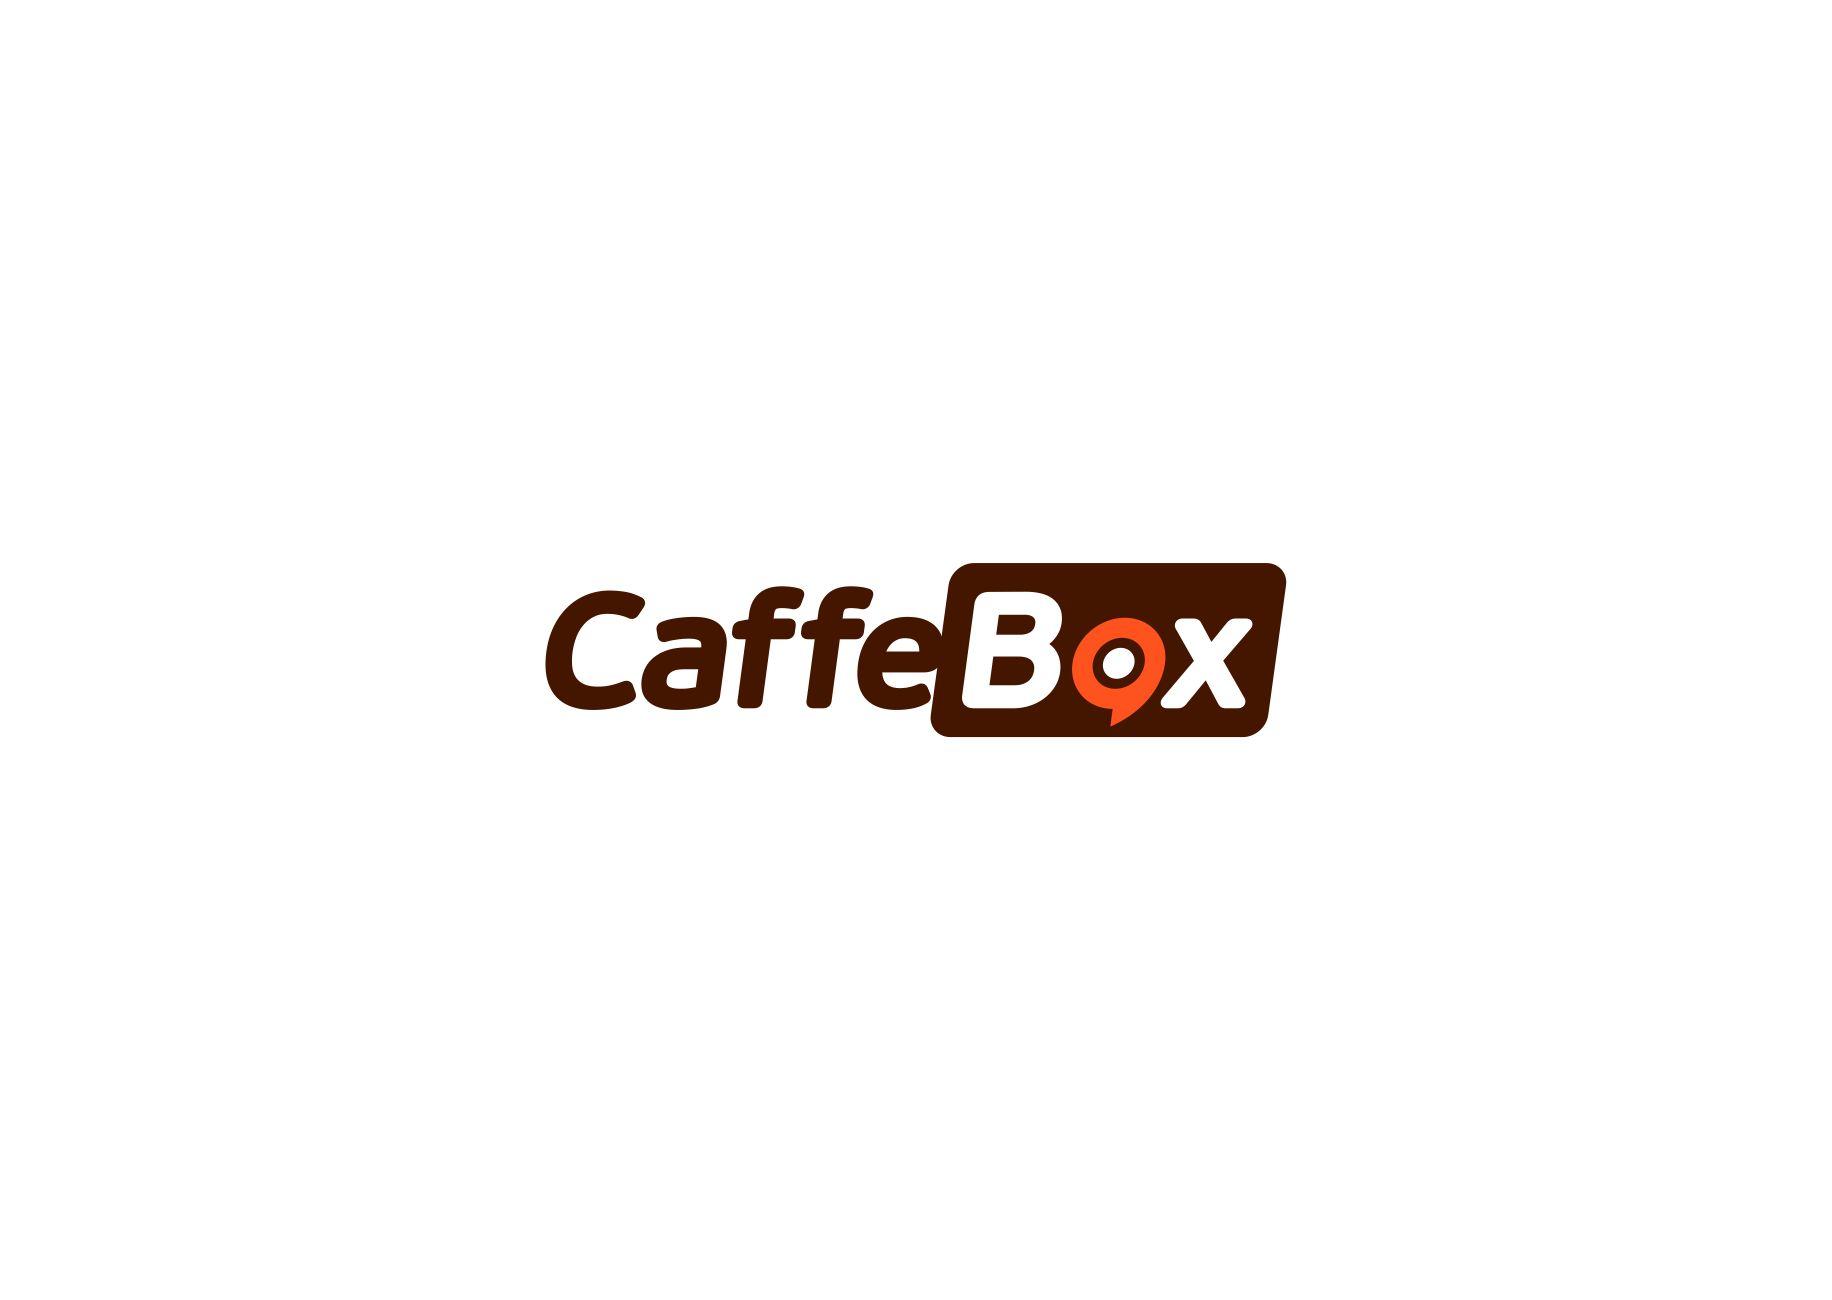 Требуется очень срочно разработать логотип кофейни! фото f_7805a0b2fc9b5bdb.jpg